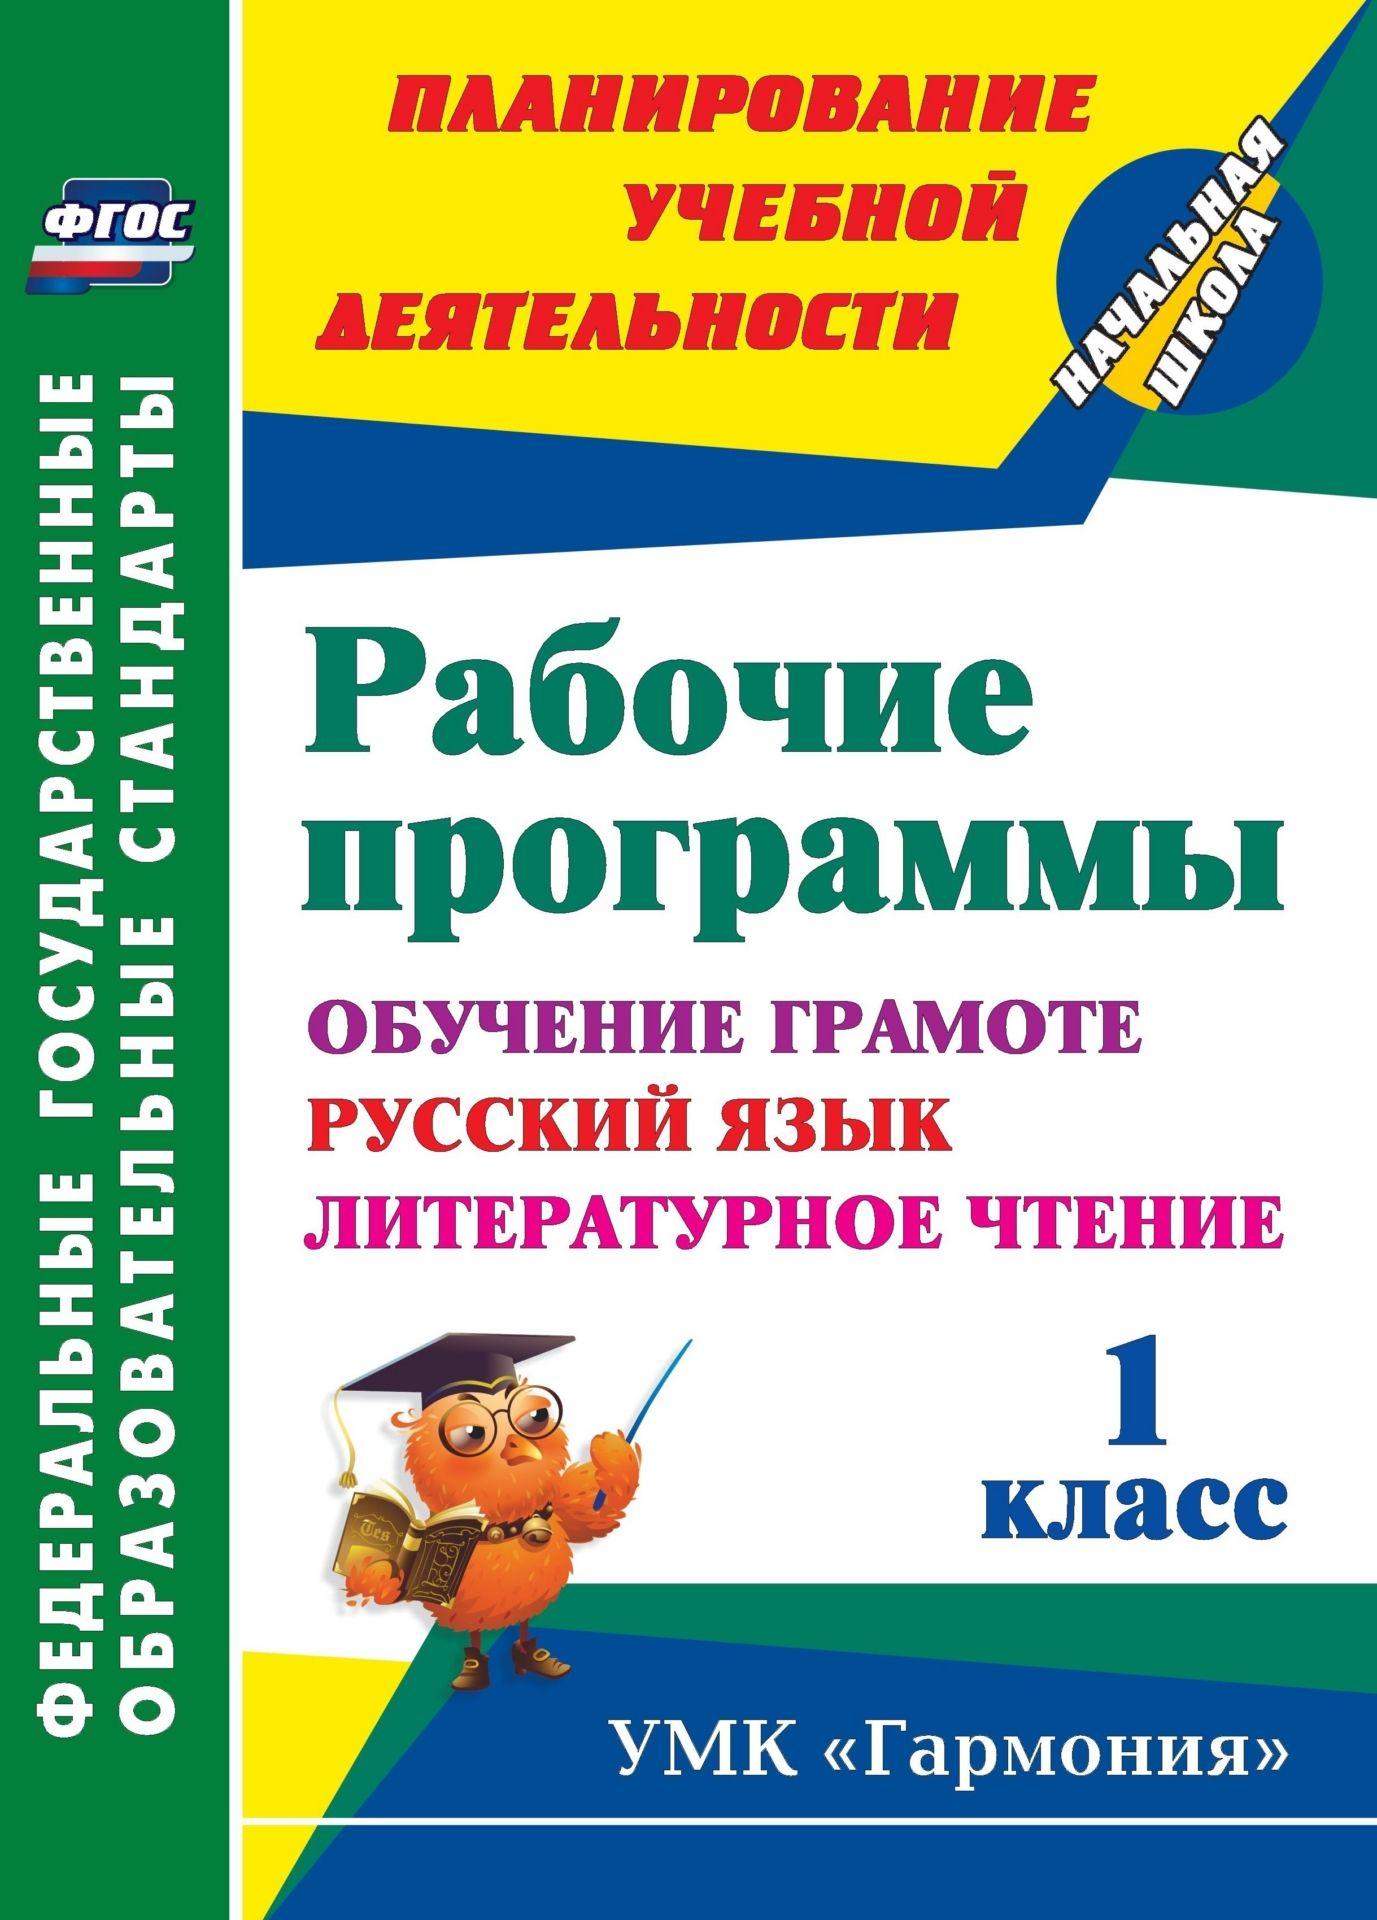 Рабочие программы. 1 кл. Обучение грамоте. Русский язык Литературное чтение УМК Гармония